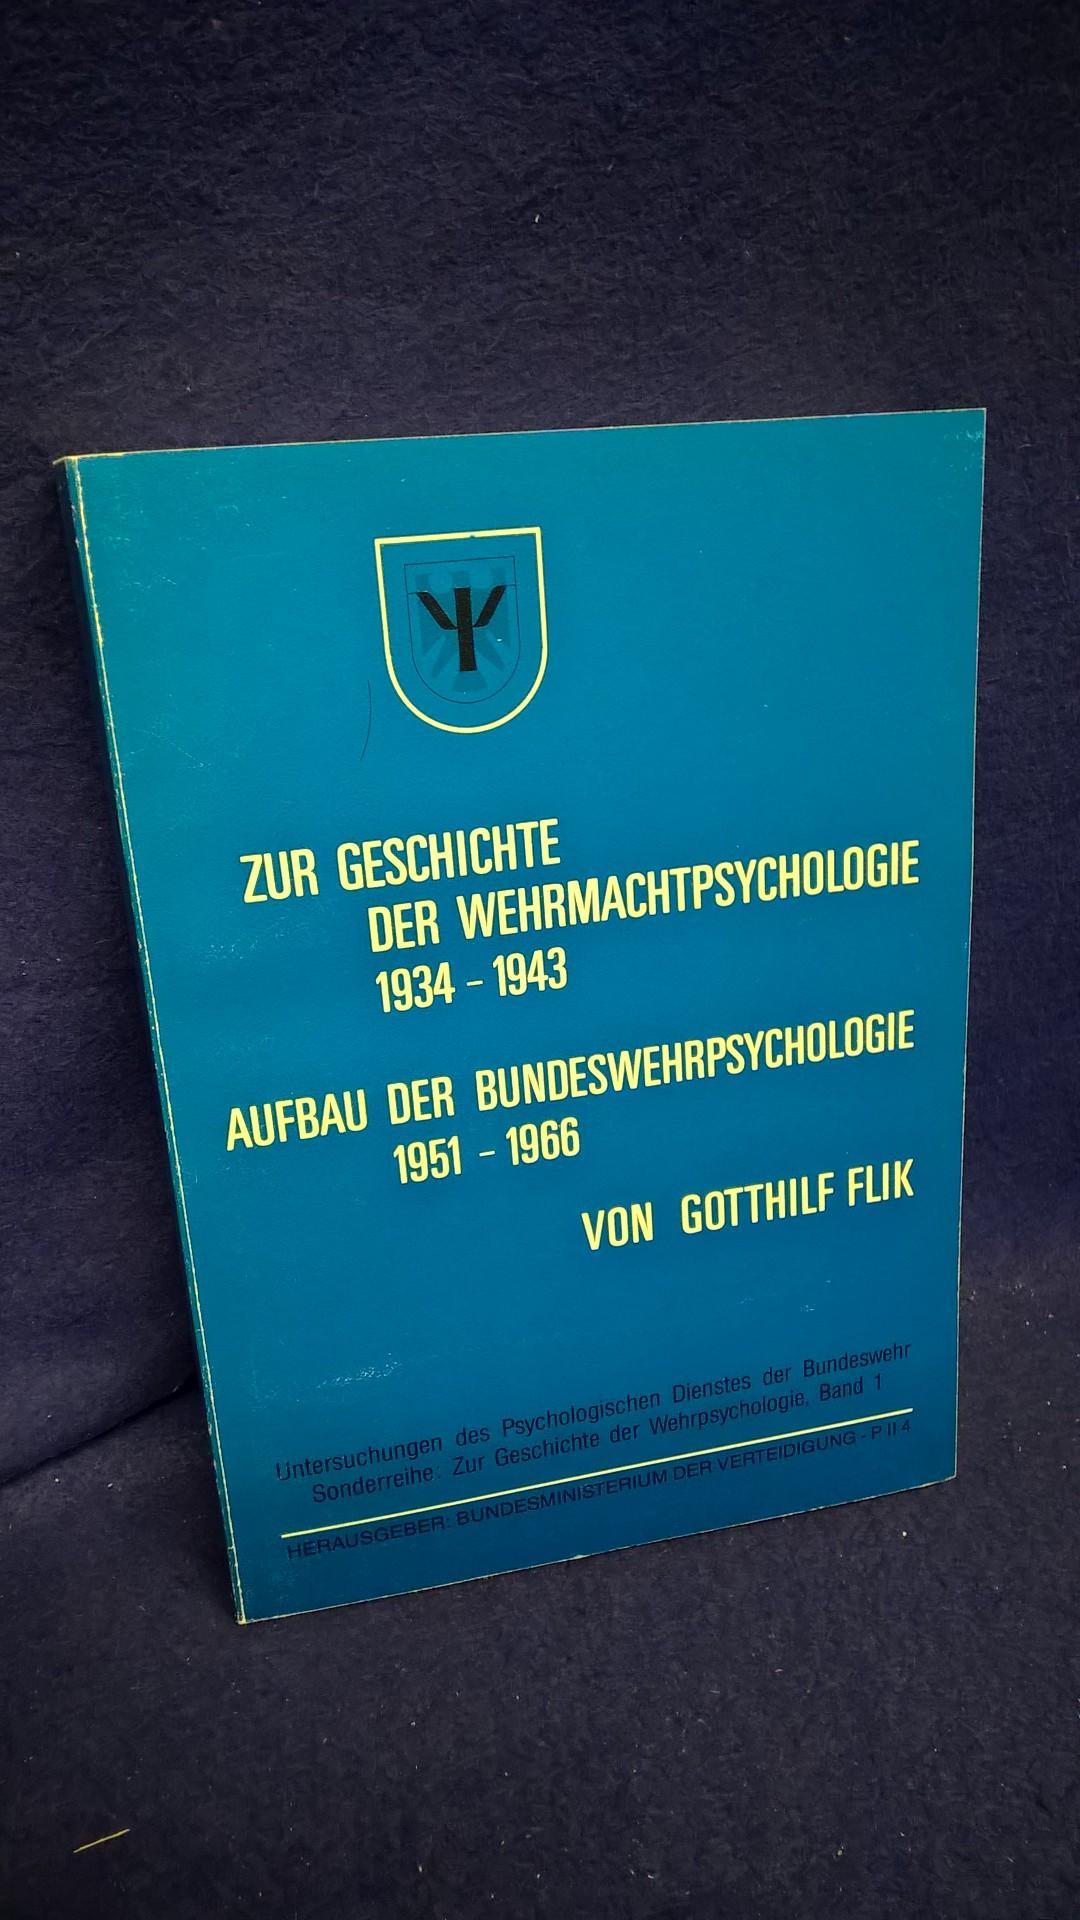 Zur Geschichte der Wehrmachtpsychologie 1934 - 1943. Aufbau der Bundeswehrpsychologie 1951 - 1966 (1988).